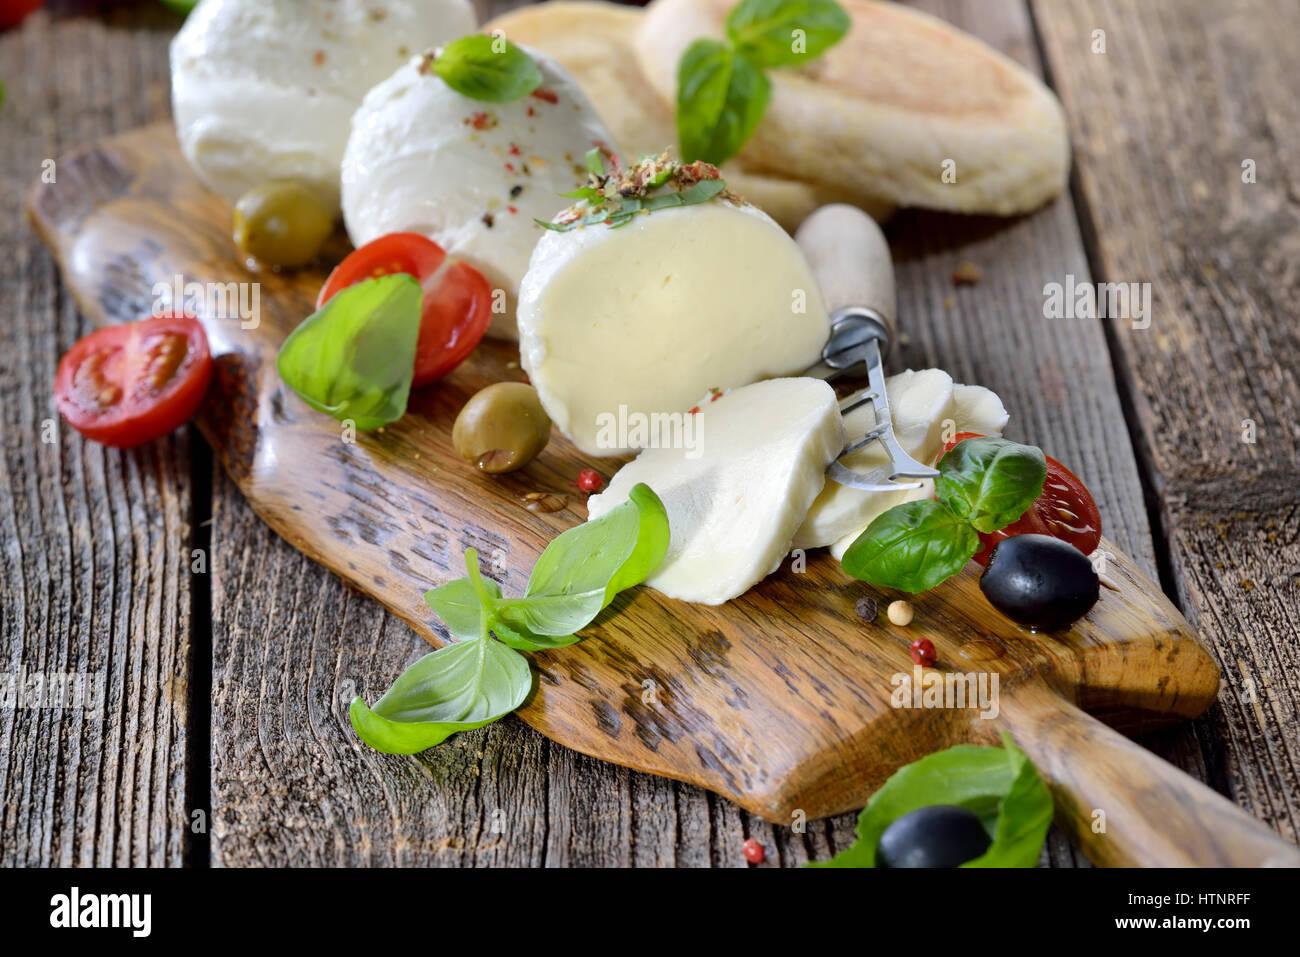 Queso mozzarella italiano snack con tomates cherry, albahaca y aceitunas servido sobre una tabla de madera con tostadas Foto de stock